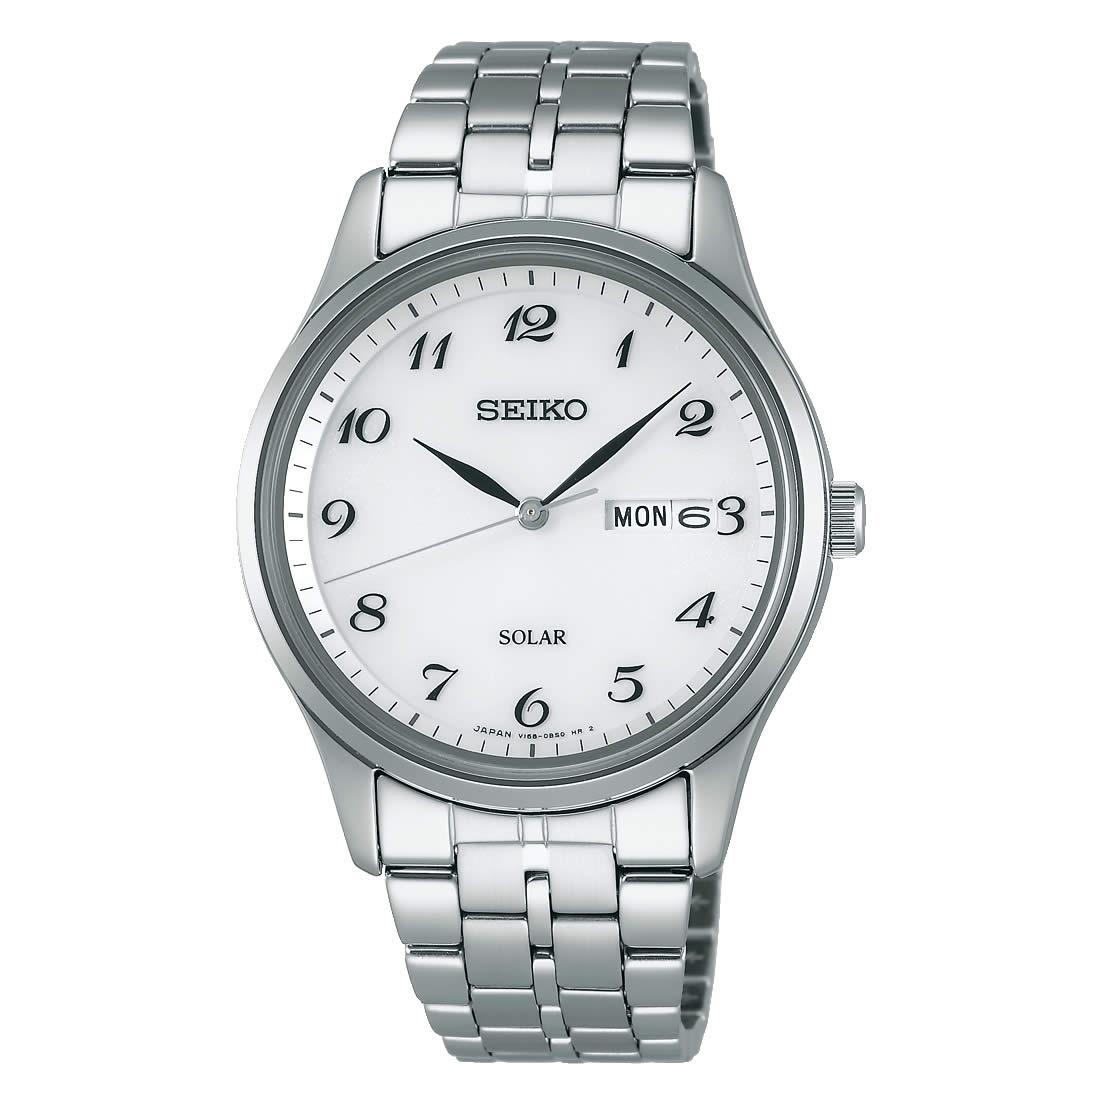 【送料無料】【国内正規品】セイコー スピリット SEIKO SPIRIT 腕時計 ソーラー メンズ SBPX067 100M 10気圧防水 ビジネス シンプル ソーラー腕時計 きれいめ 人気 うでどけい とけい WATCH 時計【取り寄せ】